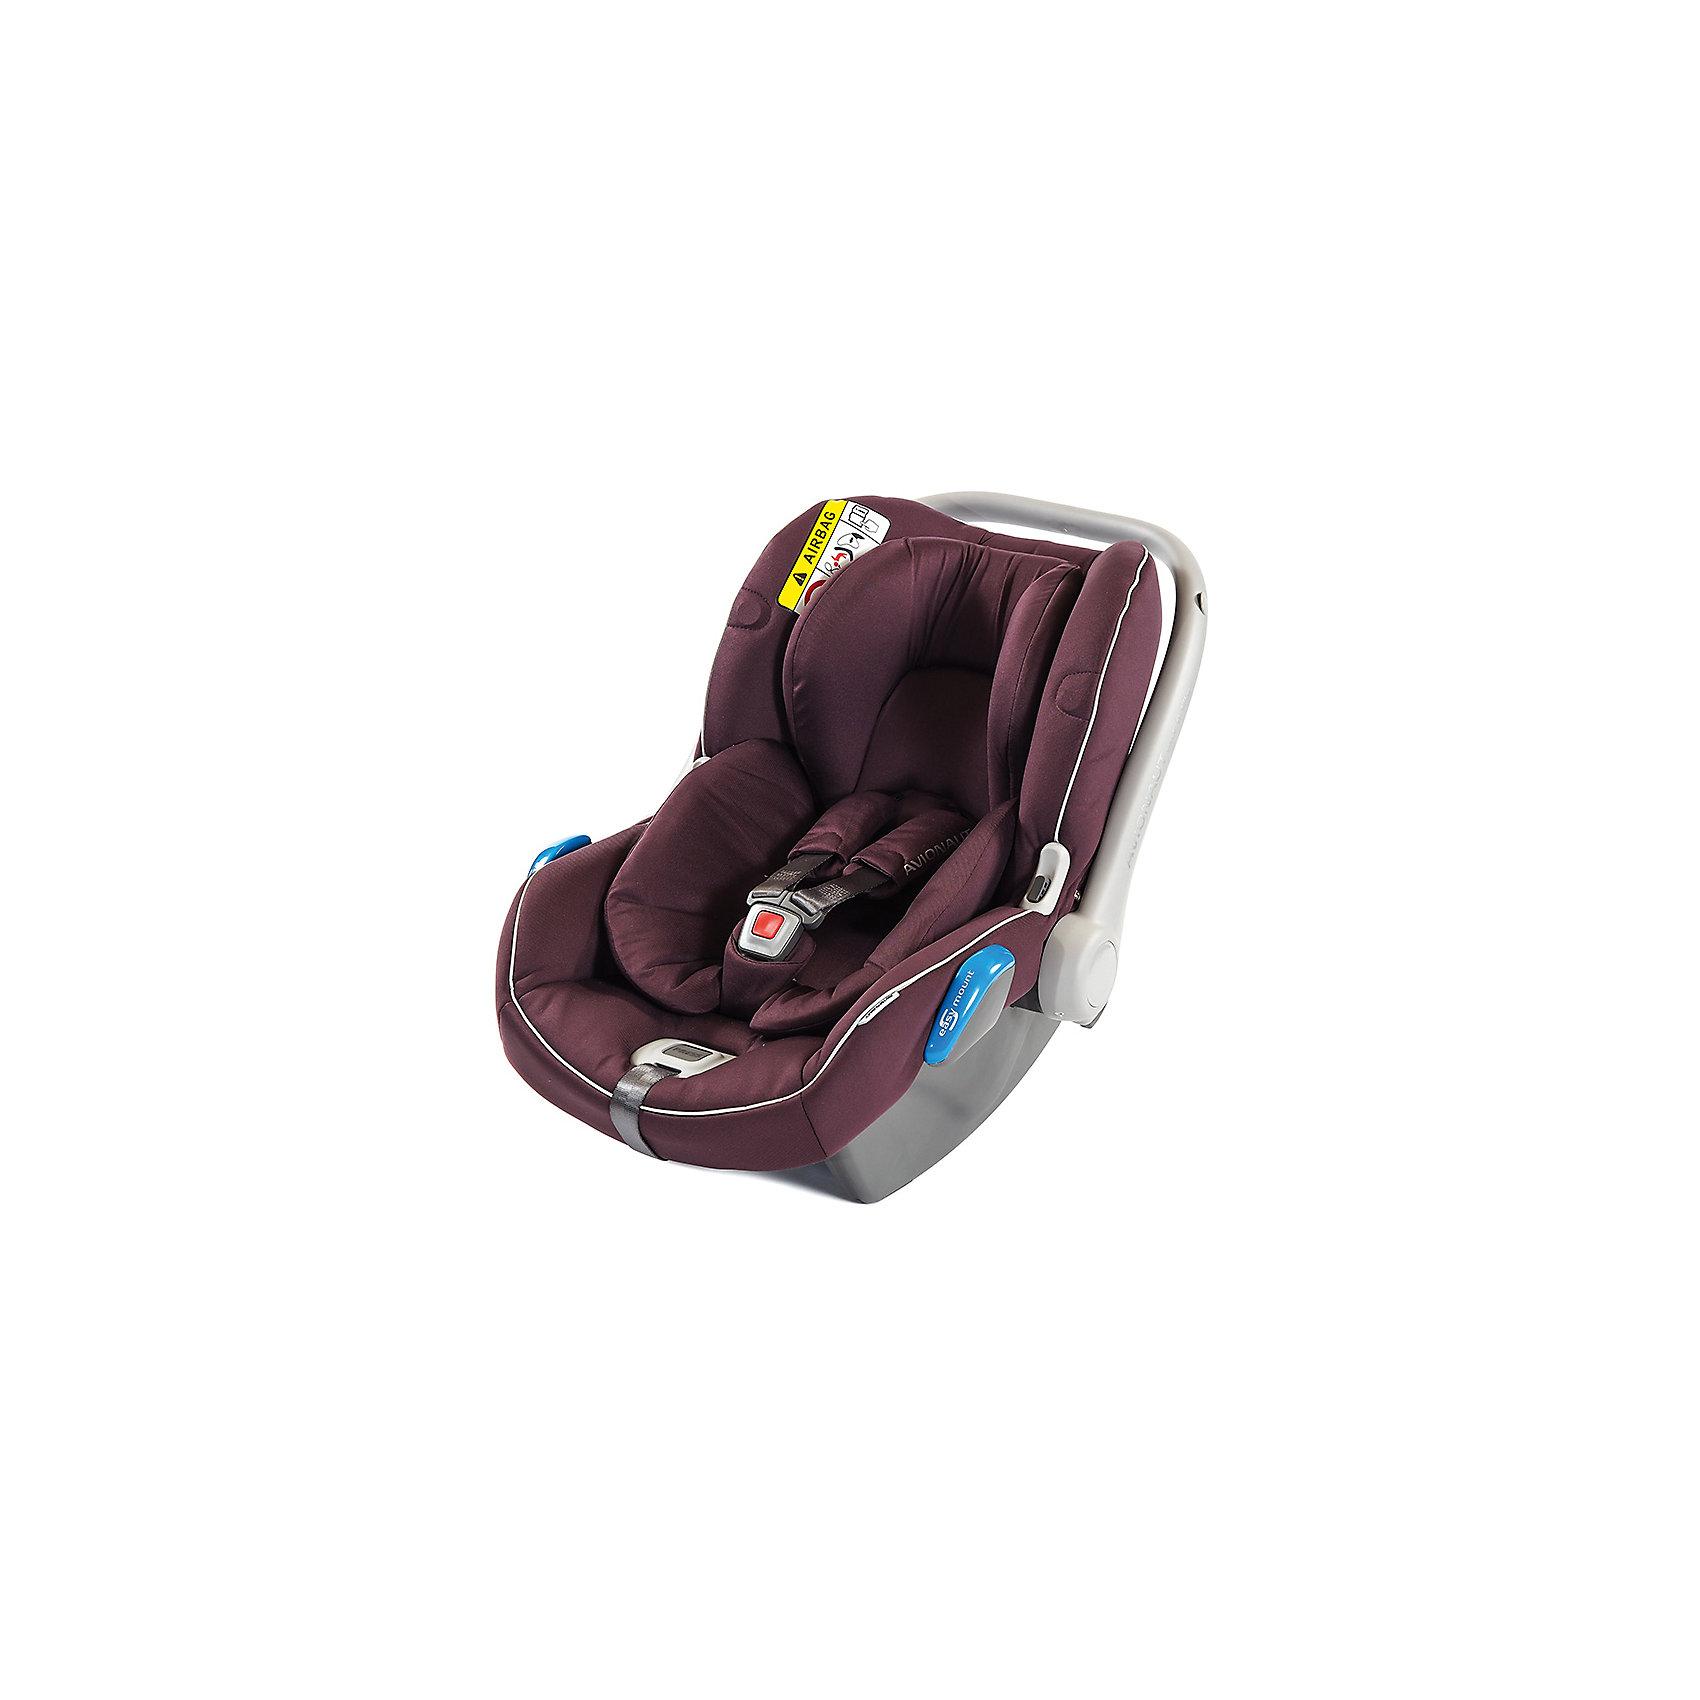 Автокресло Avionaut KITE, 0-13 кг, бордовый/бордовыйГруппа 0+ (До 13 кг)<br>Характеристики товара:<br><br>• группа автокресла: 0-0+;<br>• возраст: с рождения до 1 года;<br>• вес ребенка: 0-13 кг;<br>• материал: пластик, полиэстер;<br>• 3-х точечные ремни безопасности;<br>• установка автокресла: против хода движения;<br>• способ крепления: штатными ремнями автомобиля;<br>• размер автокресла: 62х55х43 см;<br>• вес автокресла: 3,25 кг;<br>• размер упаковки: 70х45х25 см;<br>• вес упаковки: 3,4 кг;<br>• страна производитель: Польша.<br><br>Автокресло Avionaut Kite бордовое обеспечивает безопасную перевозку в машине малыша с самого рождения. Оно устанавливается только против движения автомобиля для достижения наилучшей защиты позвоночника, головы и шеи при ударе. Крепится штатными ремнями автомобиля, но также может фиксироваться при помощи креплений Isofix или на специальную базу Dock.<br><br>Для самых маленьких предусмотрен анатомический вкладыш, поддерживающий спину ребенка. Автокресло выполнено из полистирола, способного поглощать основную энергию удара при столкновении. Кресло оснащено регулируемой ручкой для переноски и козырьком для защиты от солнца. Универсальный адаптер позволяет устанавливать кресло на шасси колясок.<br><br>Автокресло Avionaut Kite бордовое можно приобрести в нашем интернет-магазине.<br><br>Ширина мм: 700<br>Глубина мм: 450<br>Высота мм: 250<br>Вес г: 3250<br>Возраст от месяцев: -2147483648<br>Возраст до месяцев: 2147483647<br>Пол: Унисекс<br>Возраст: Детский<br>SKU: 5500124